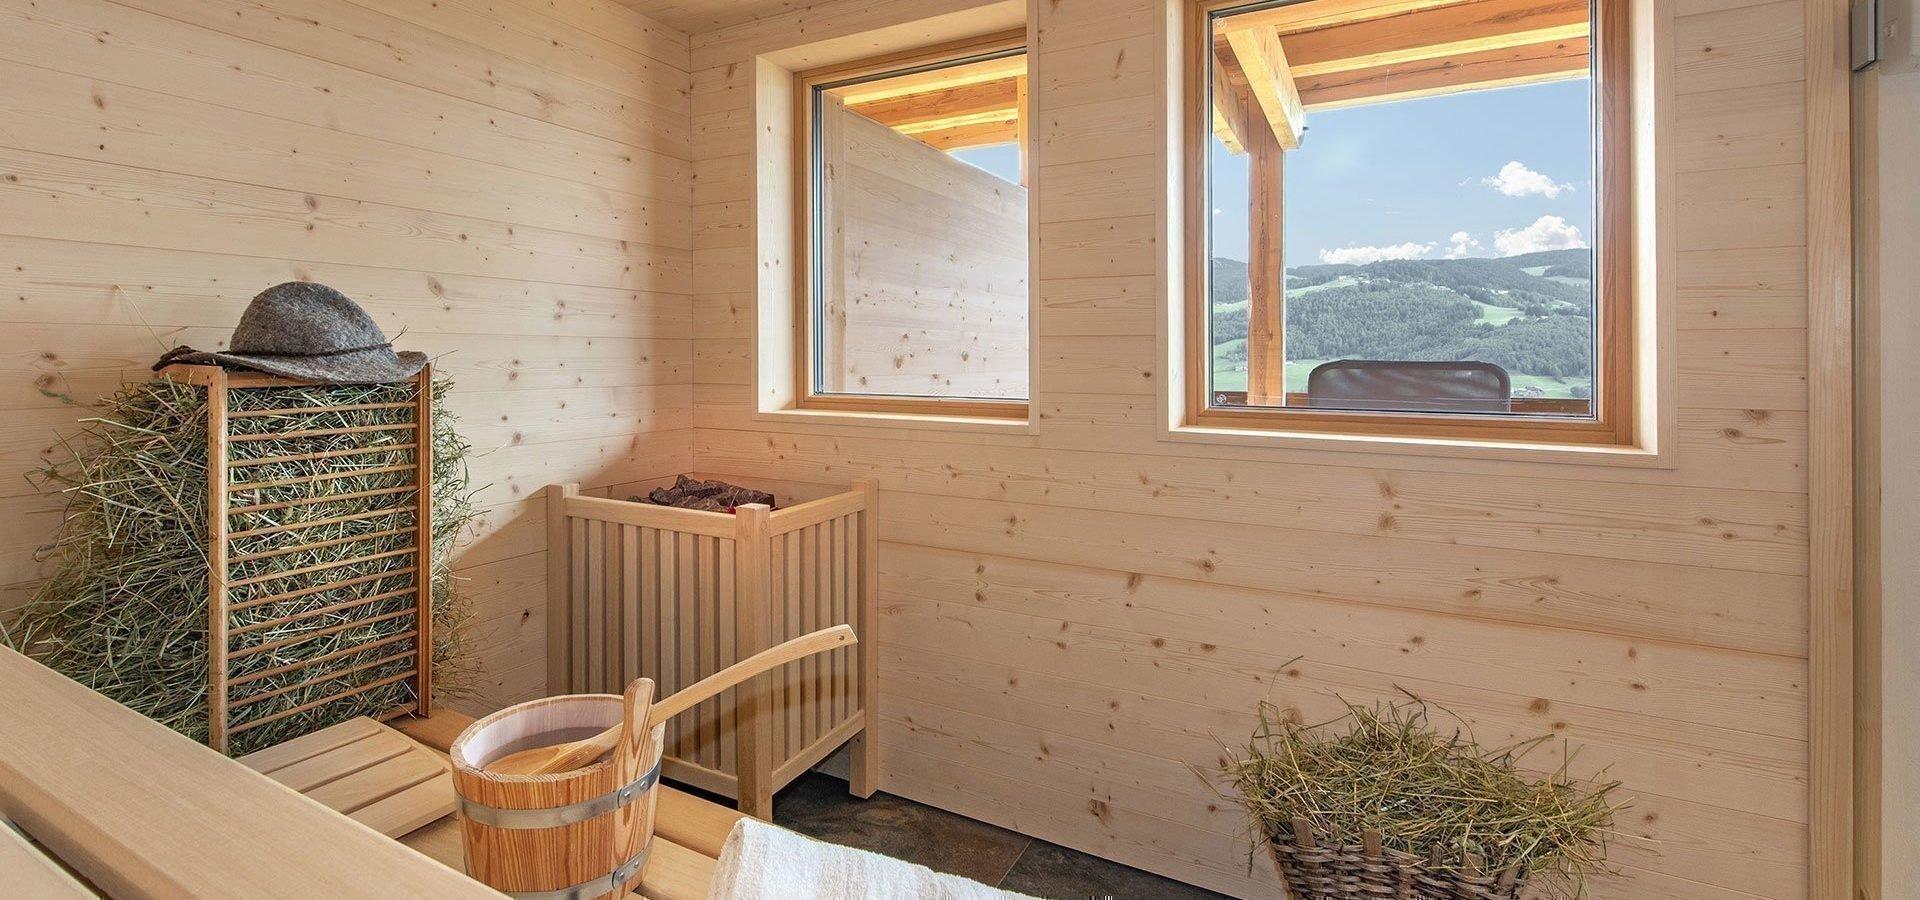 Urlaub auf dem Bauernhof Dolomiten im Winter